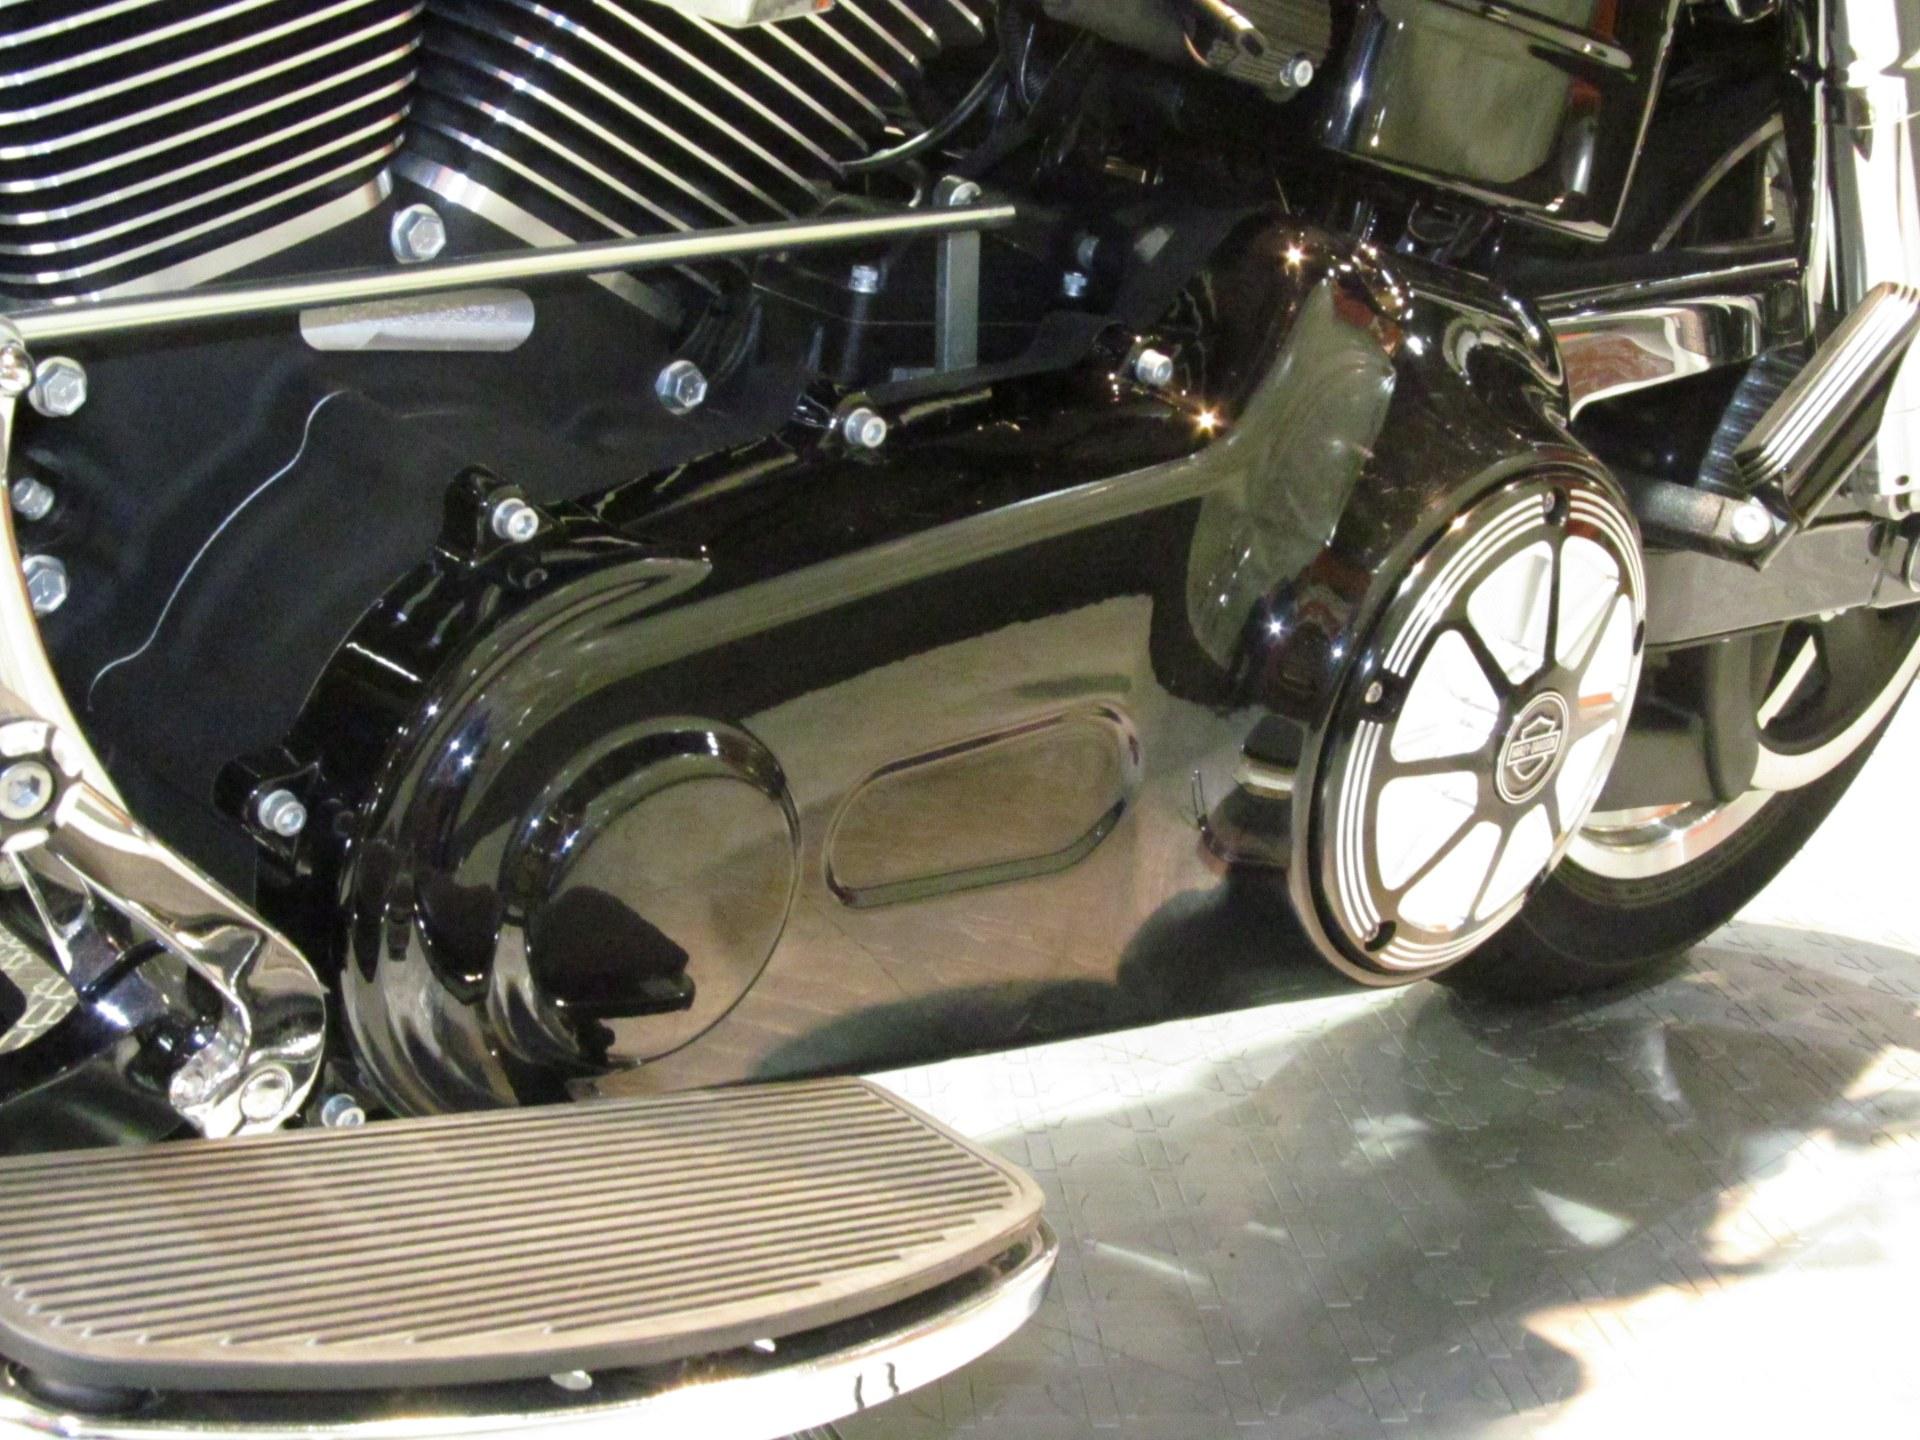 2015 Harley-Davidson Switchback™ in Rothschild, Wisconsin